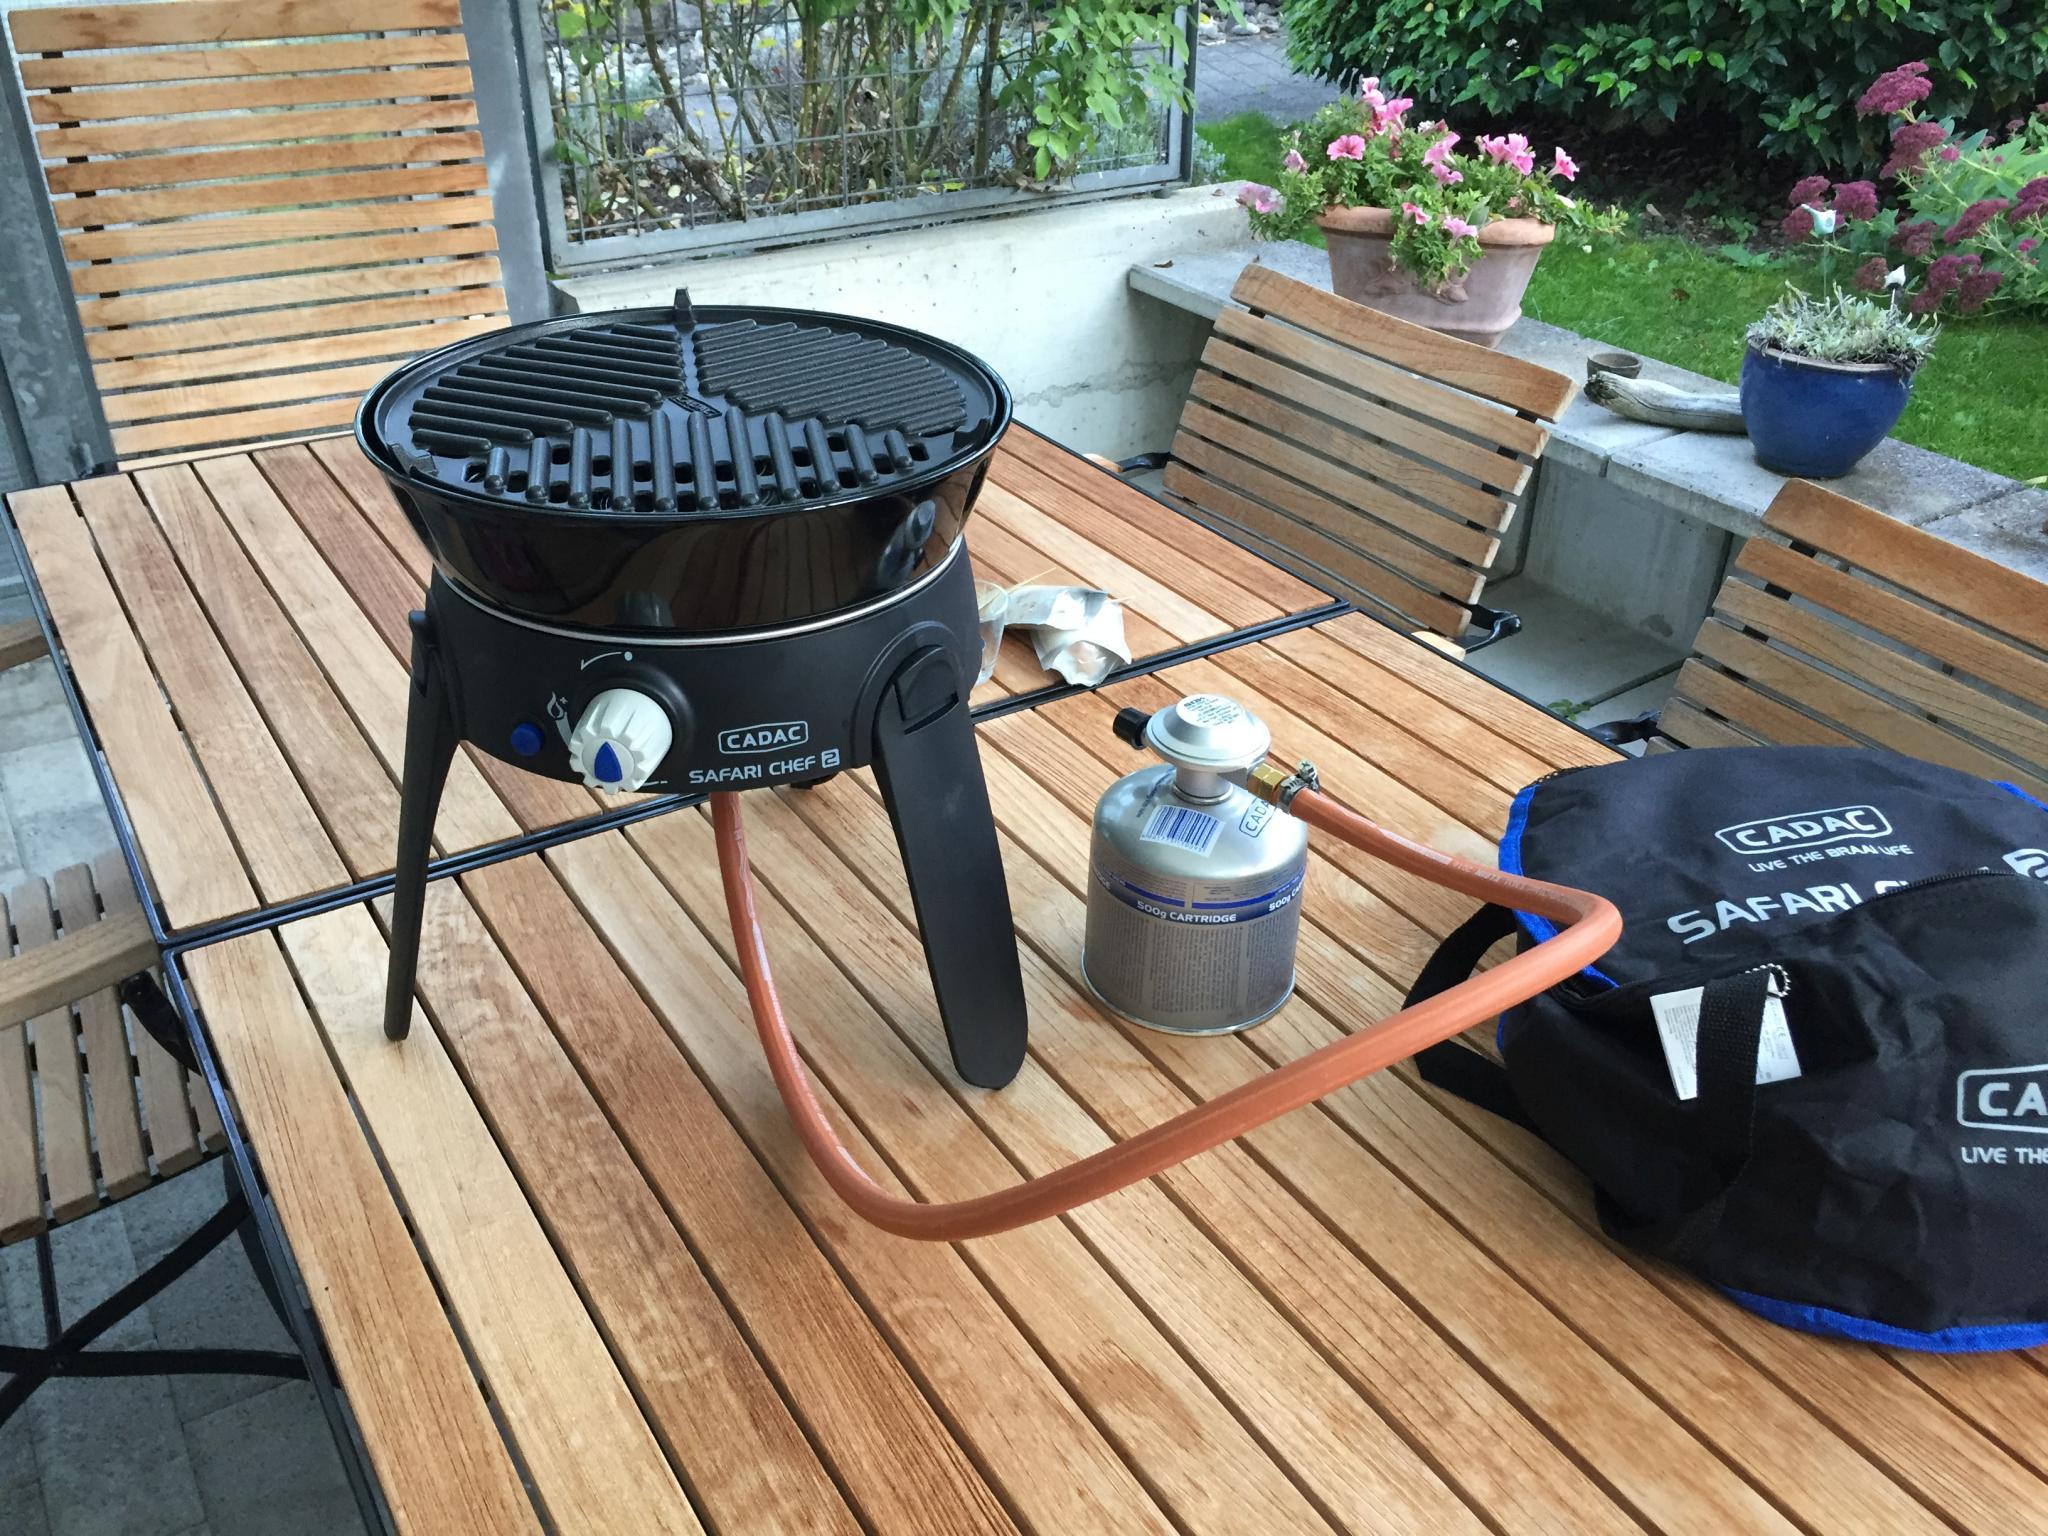 Enders Gasgrill Reparieren : Welcher grill seite 2 vw california diskussionen infos und